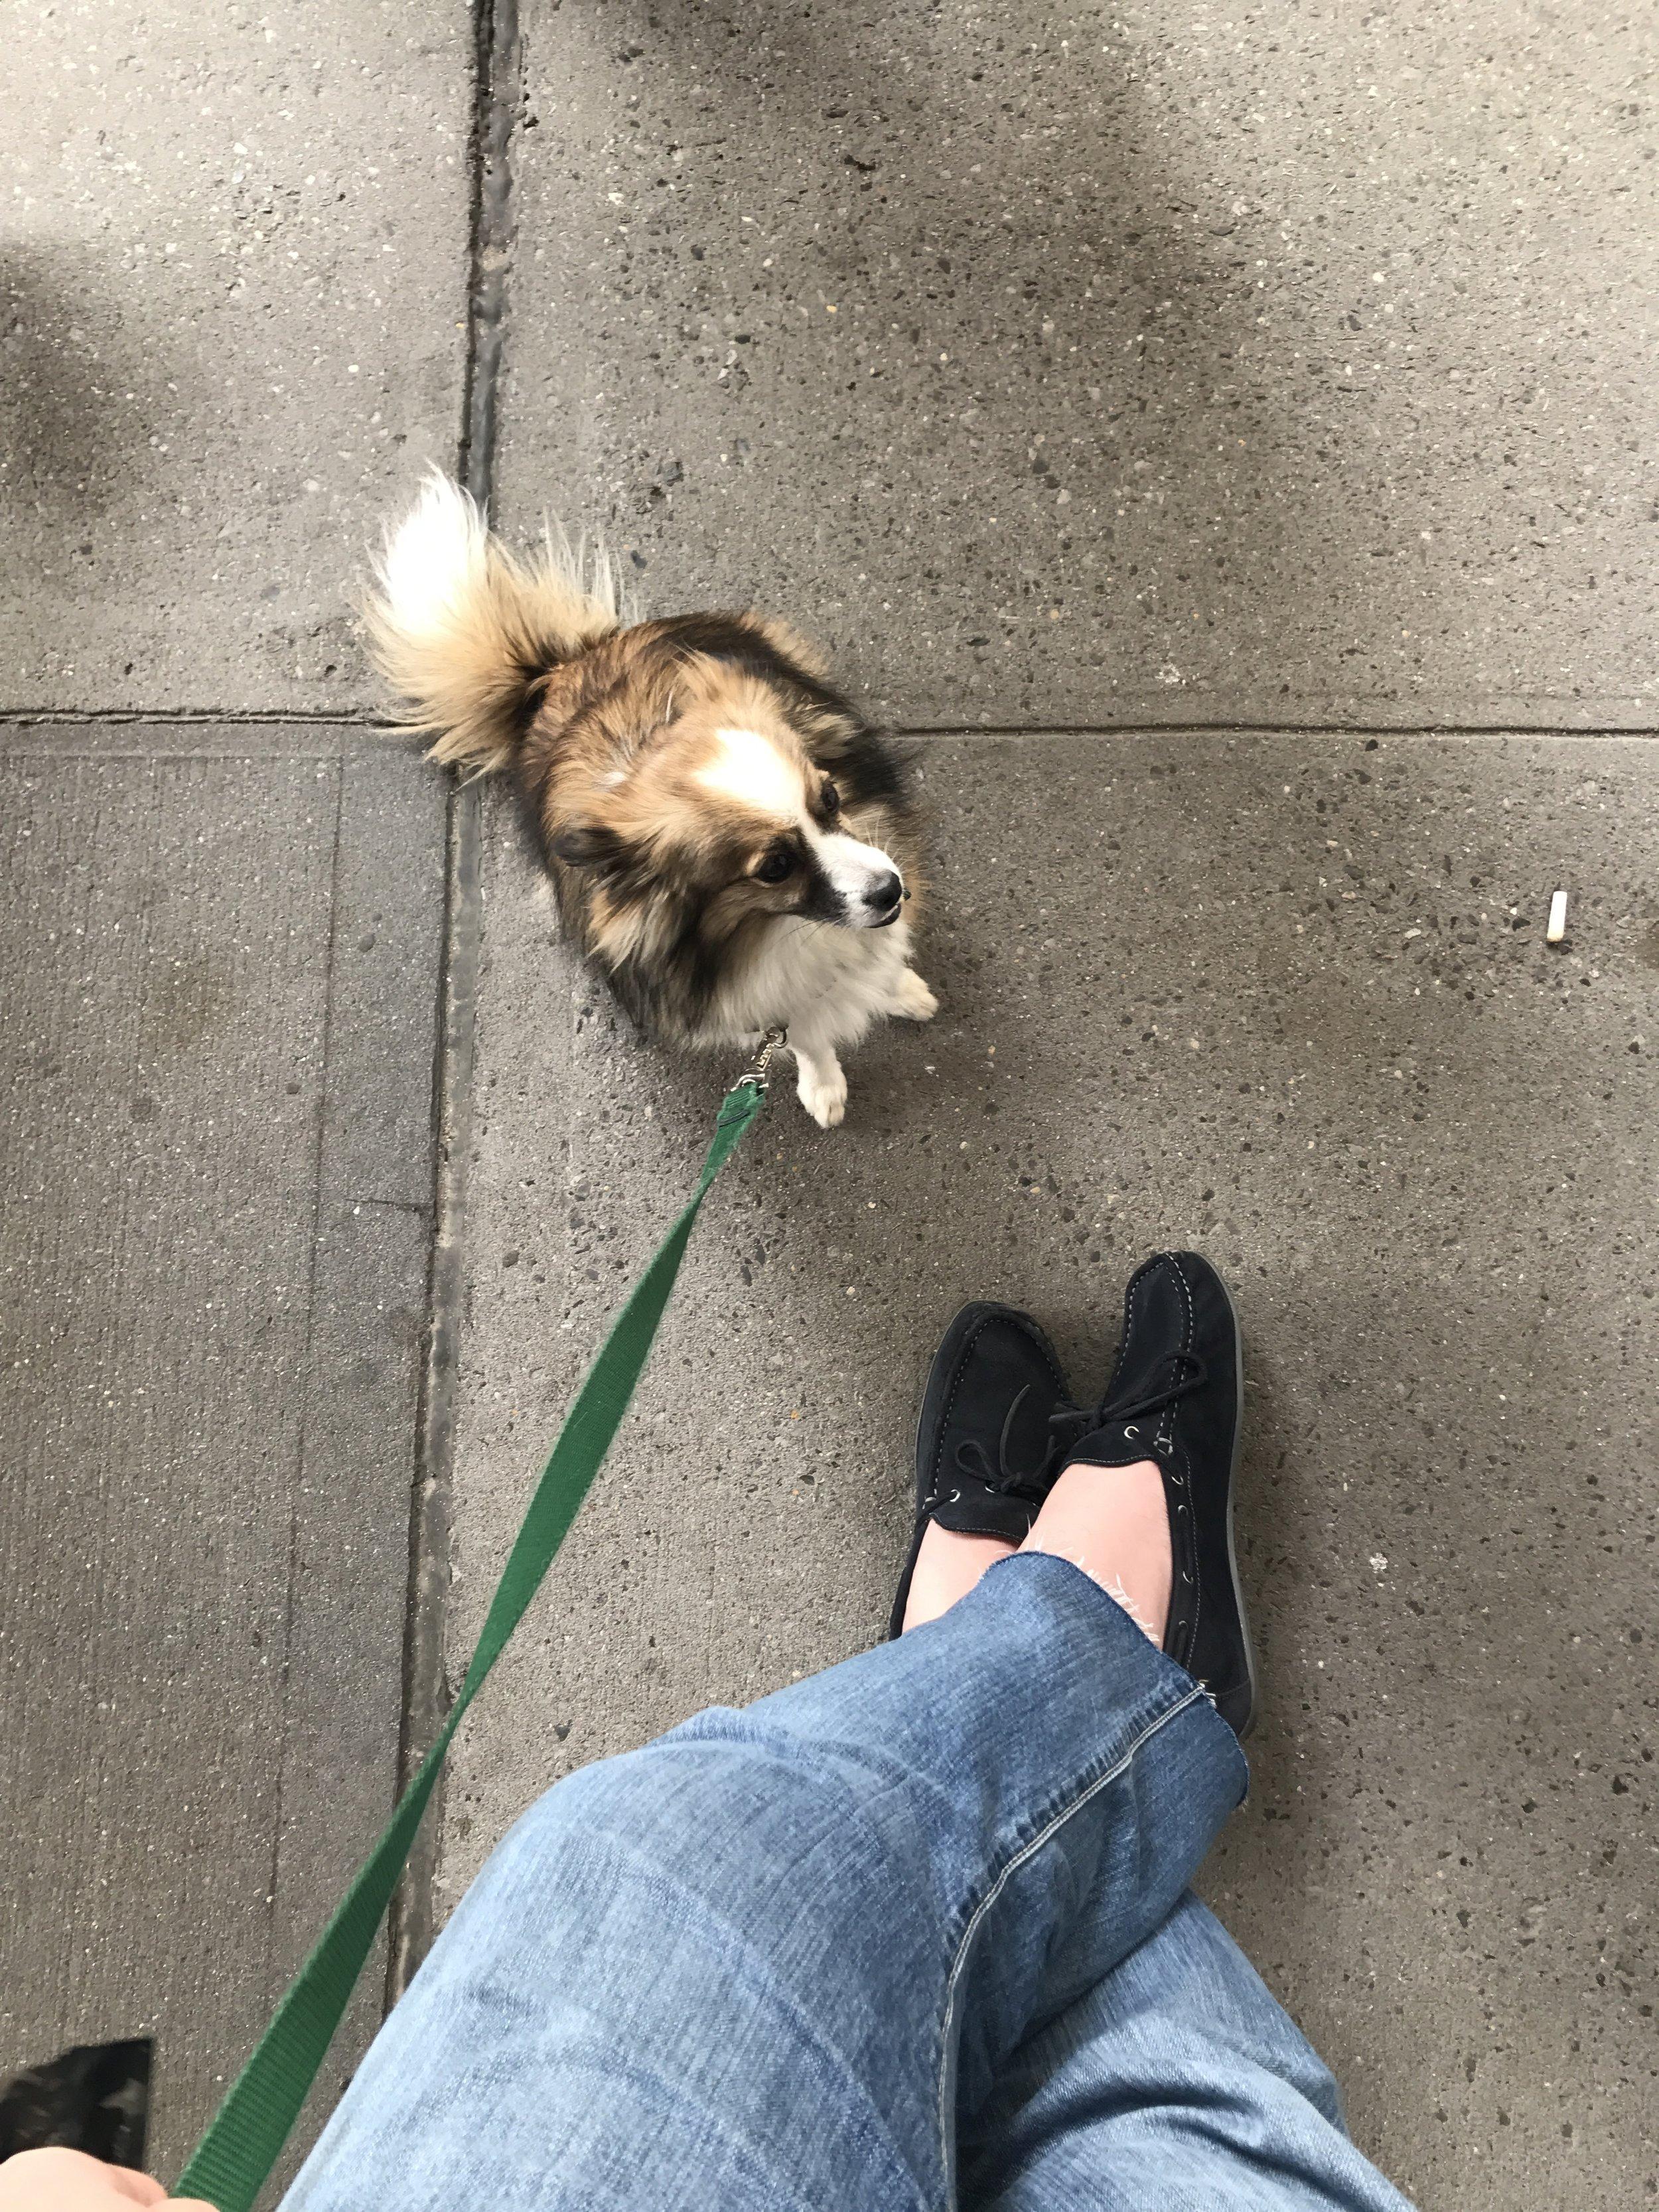 @amysedaristhedog likes my shoes, do yous?